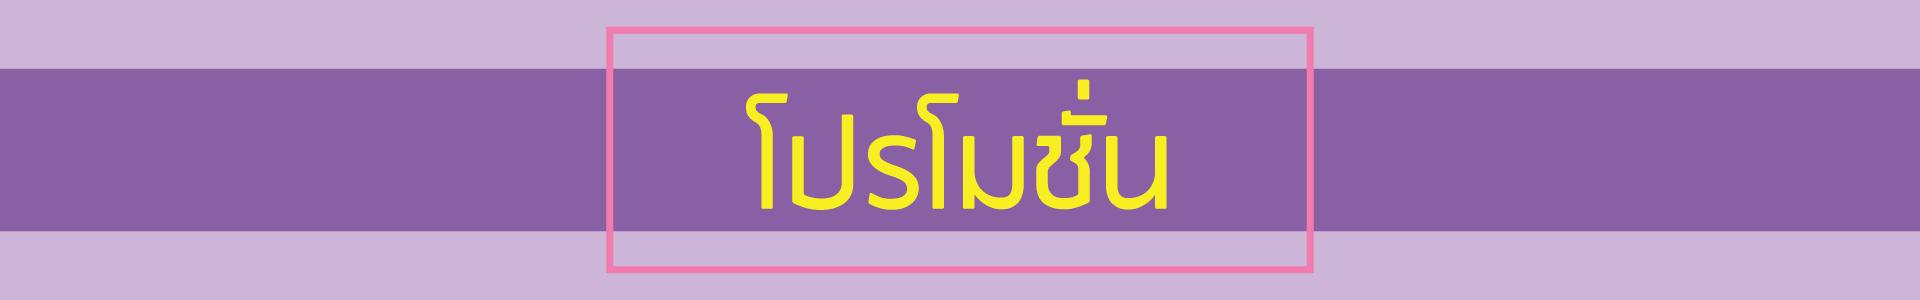 โปรโมชั่นเกลือสีชมพู เกลือสีชมพูราคา จำหน่ายเกลือสีชมพู เกลือสีชมพูราคาถูก